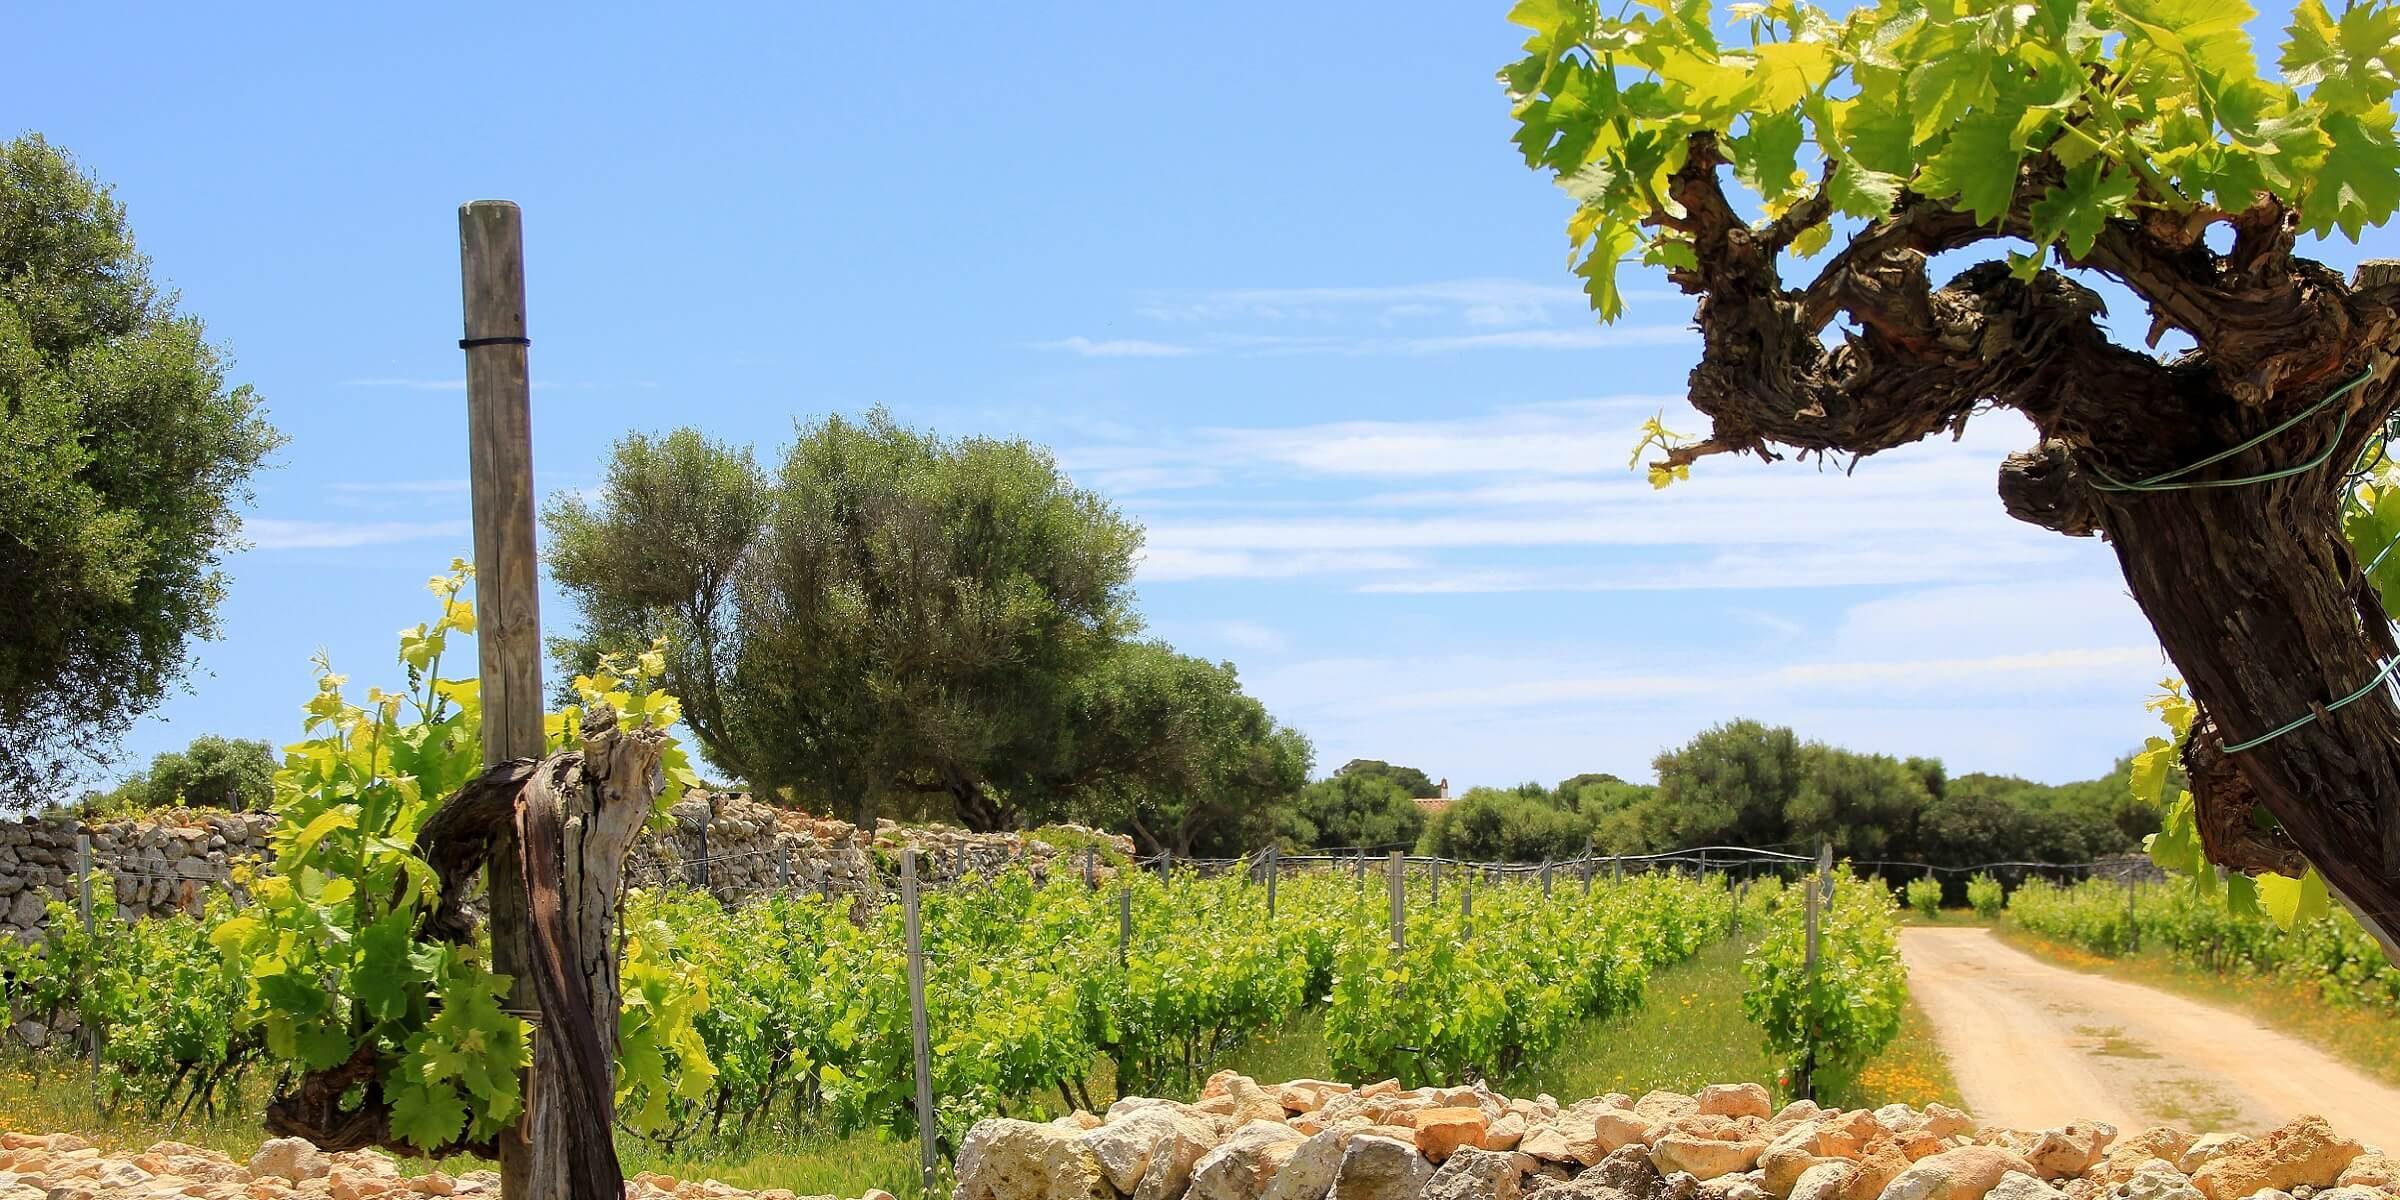 In Menorca machen wir einen Ausflug in ein Weinanbaugebiet